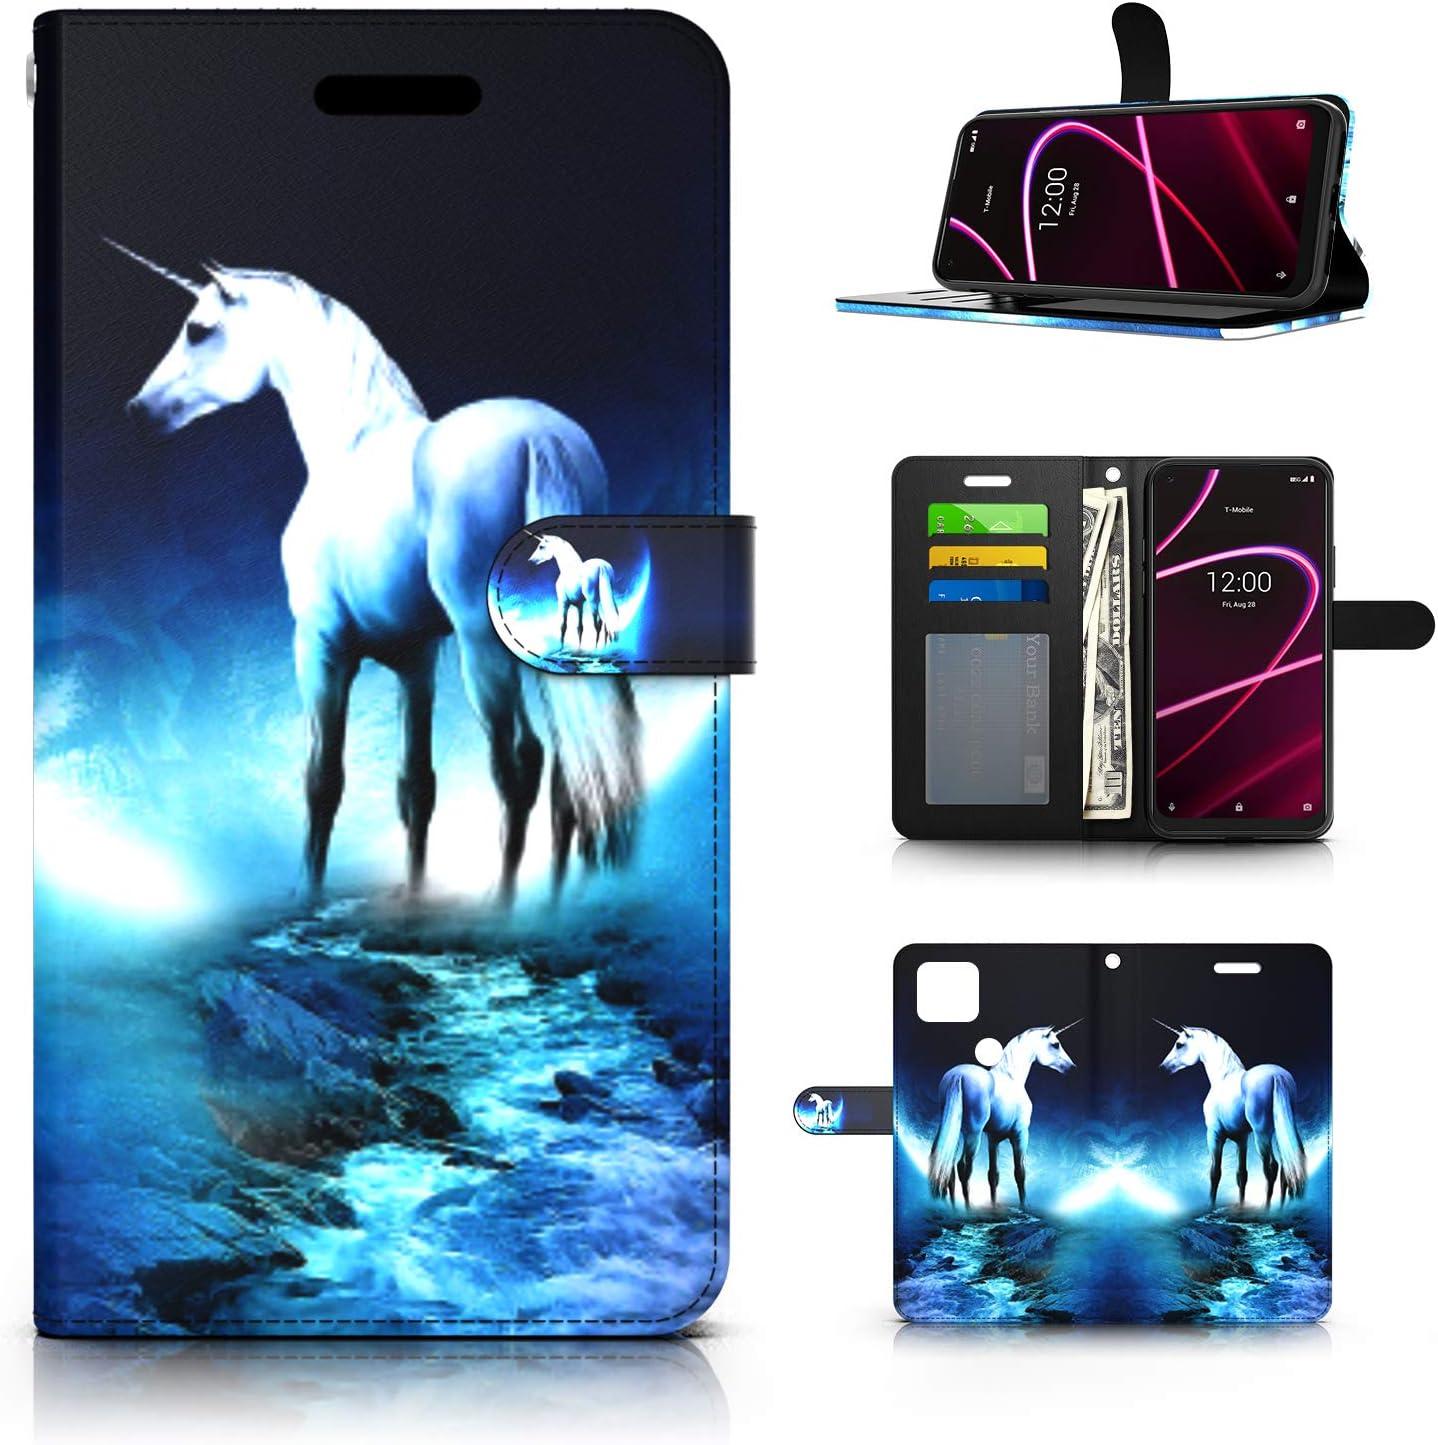 KACHEN Cell Phone Case for TCL REVVL 5G (Not for V+ 5G), Unicorn